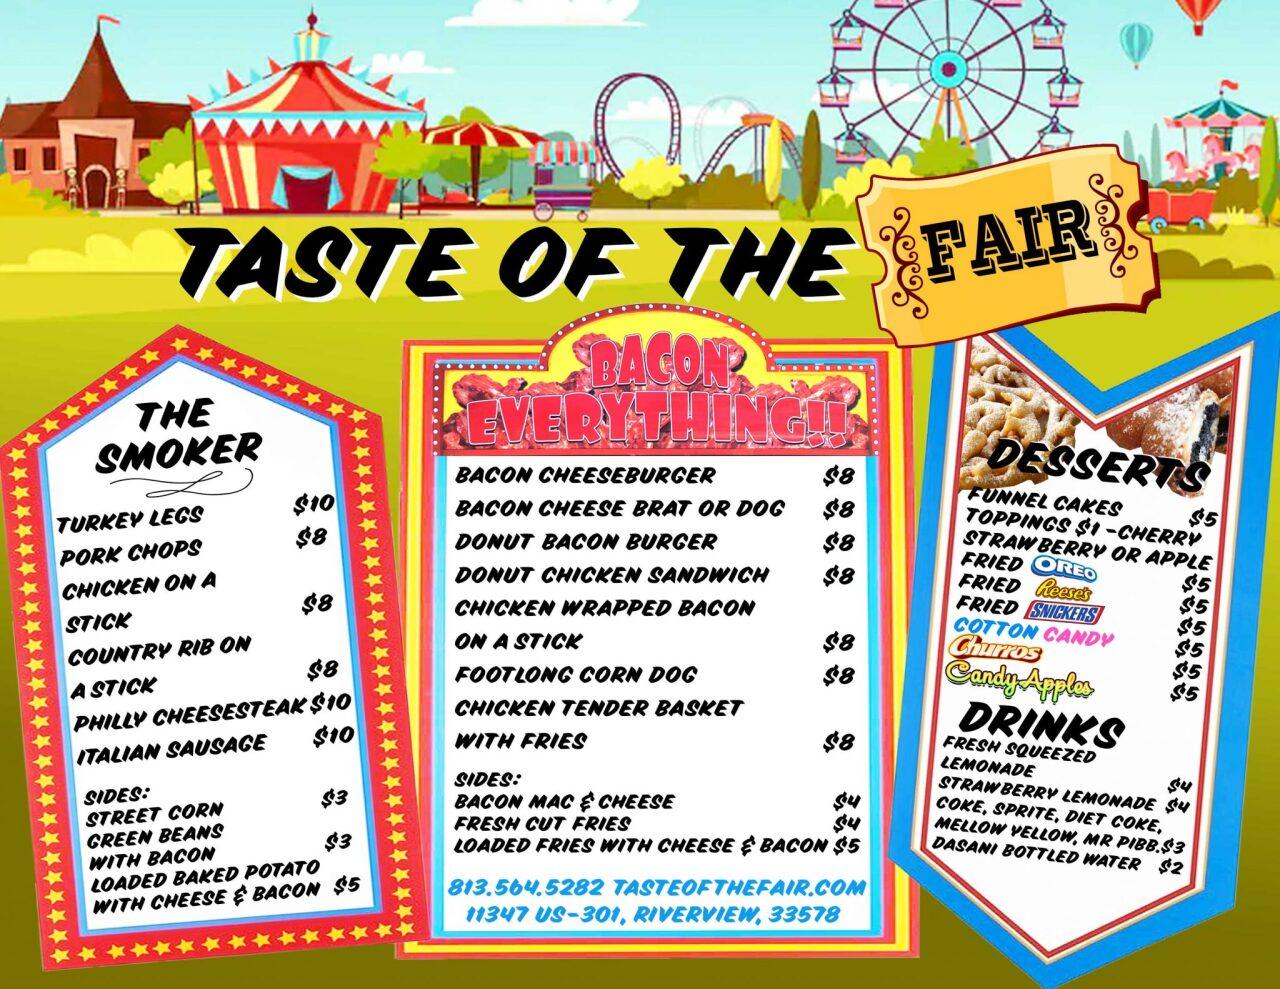 Taste-of-the-fair-menu.jpg